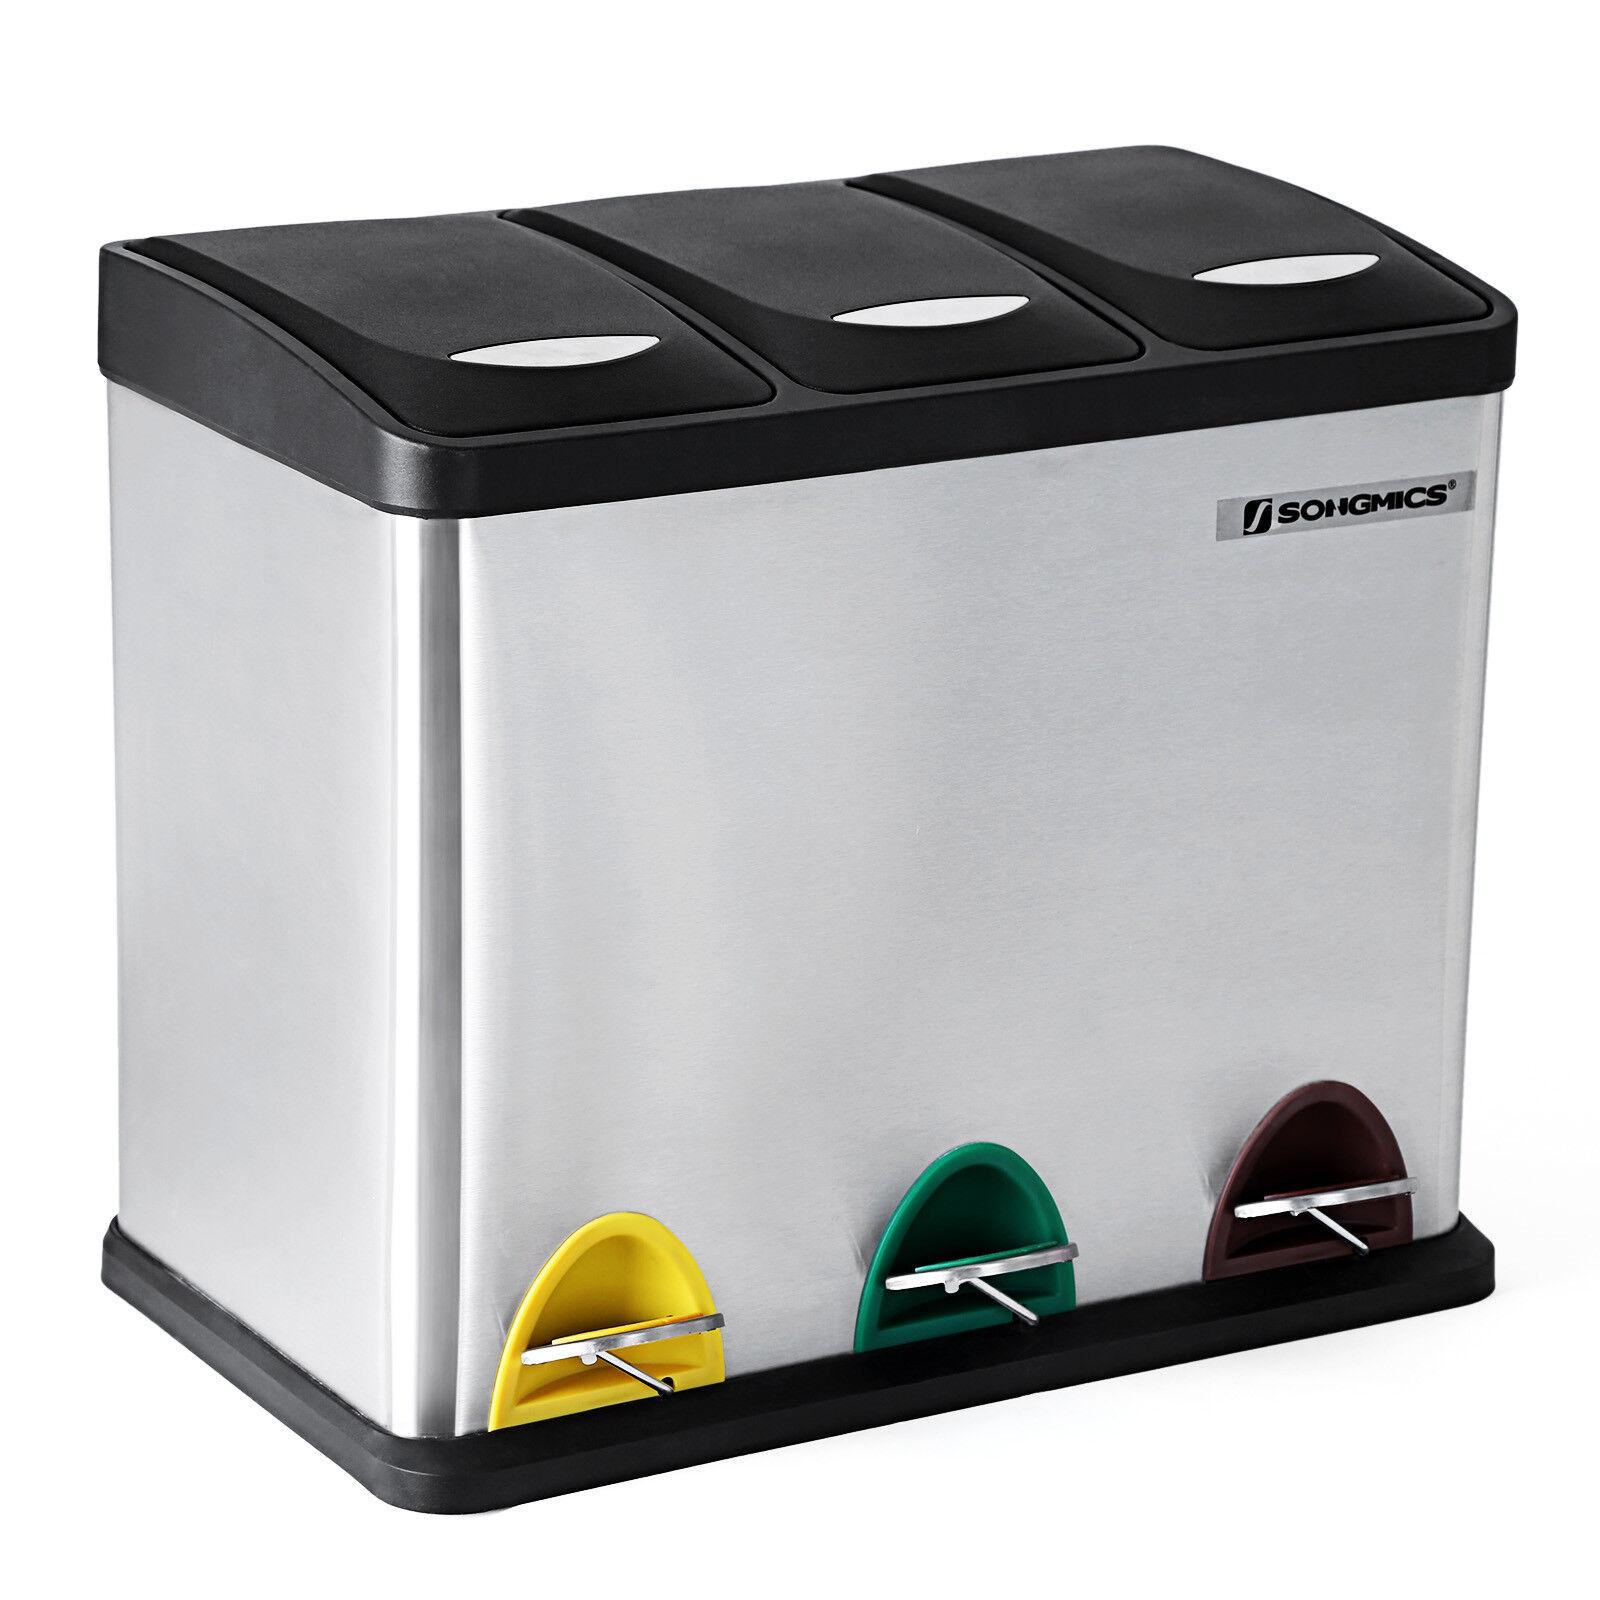 Mülleimer Abfalleimer Edelstahl Recycling Papierkorb Mülltrenner Küche LTB24L